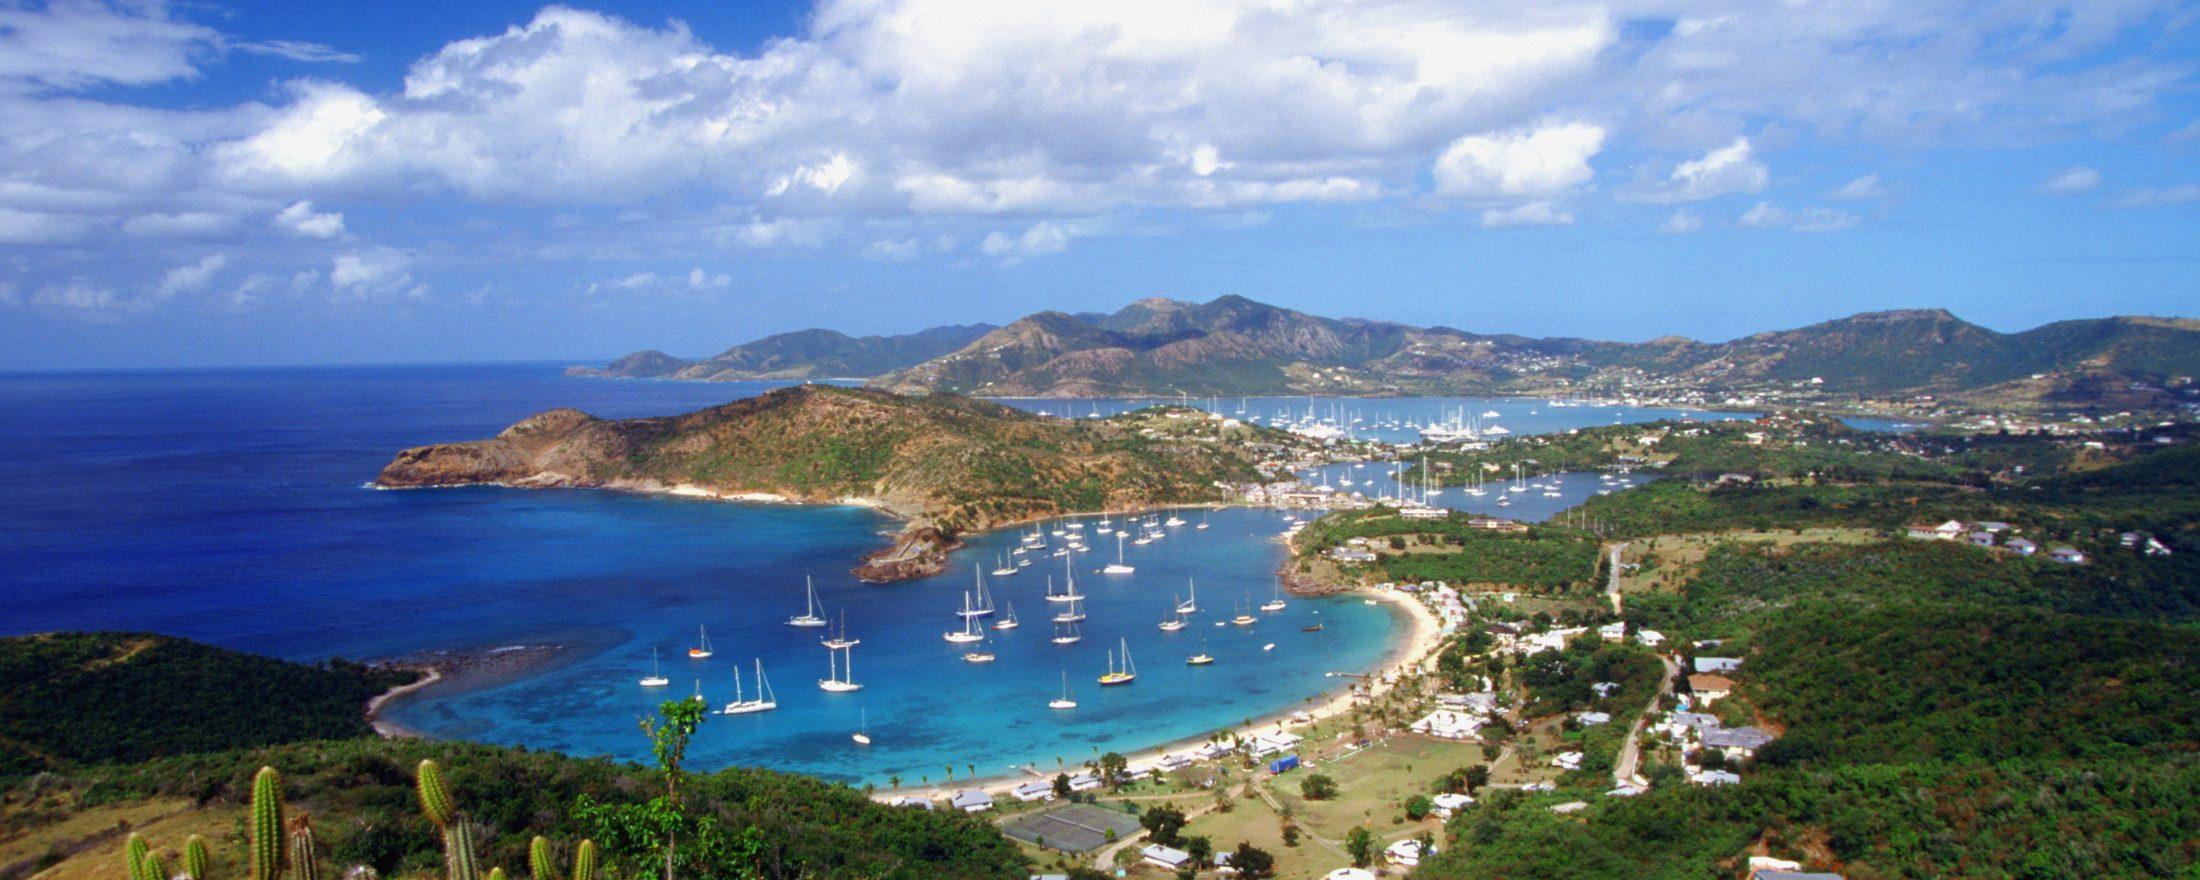 Aruba como um morador local: uma semana no guia de viagens de Aruba